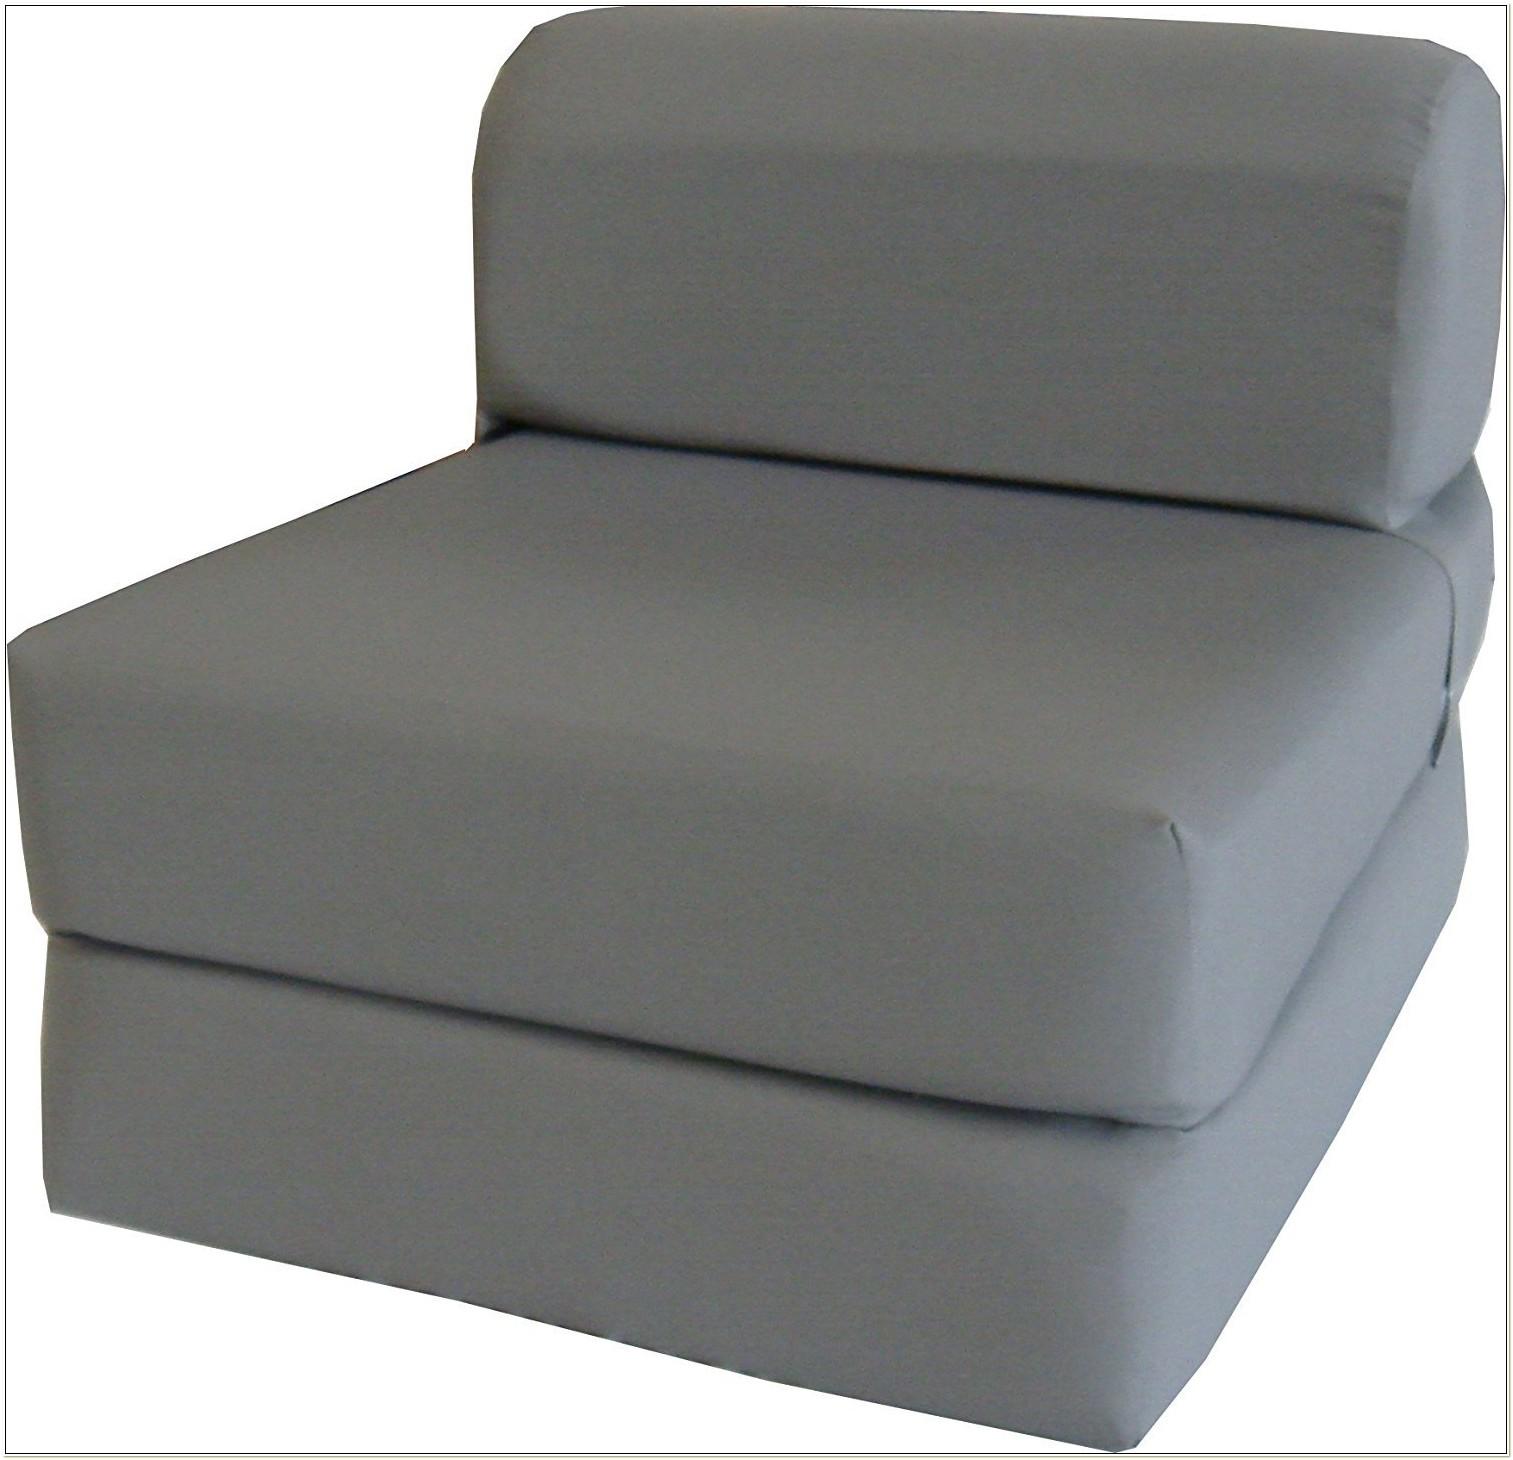 Foam Folding Chair Bed